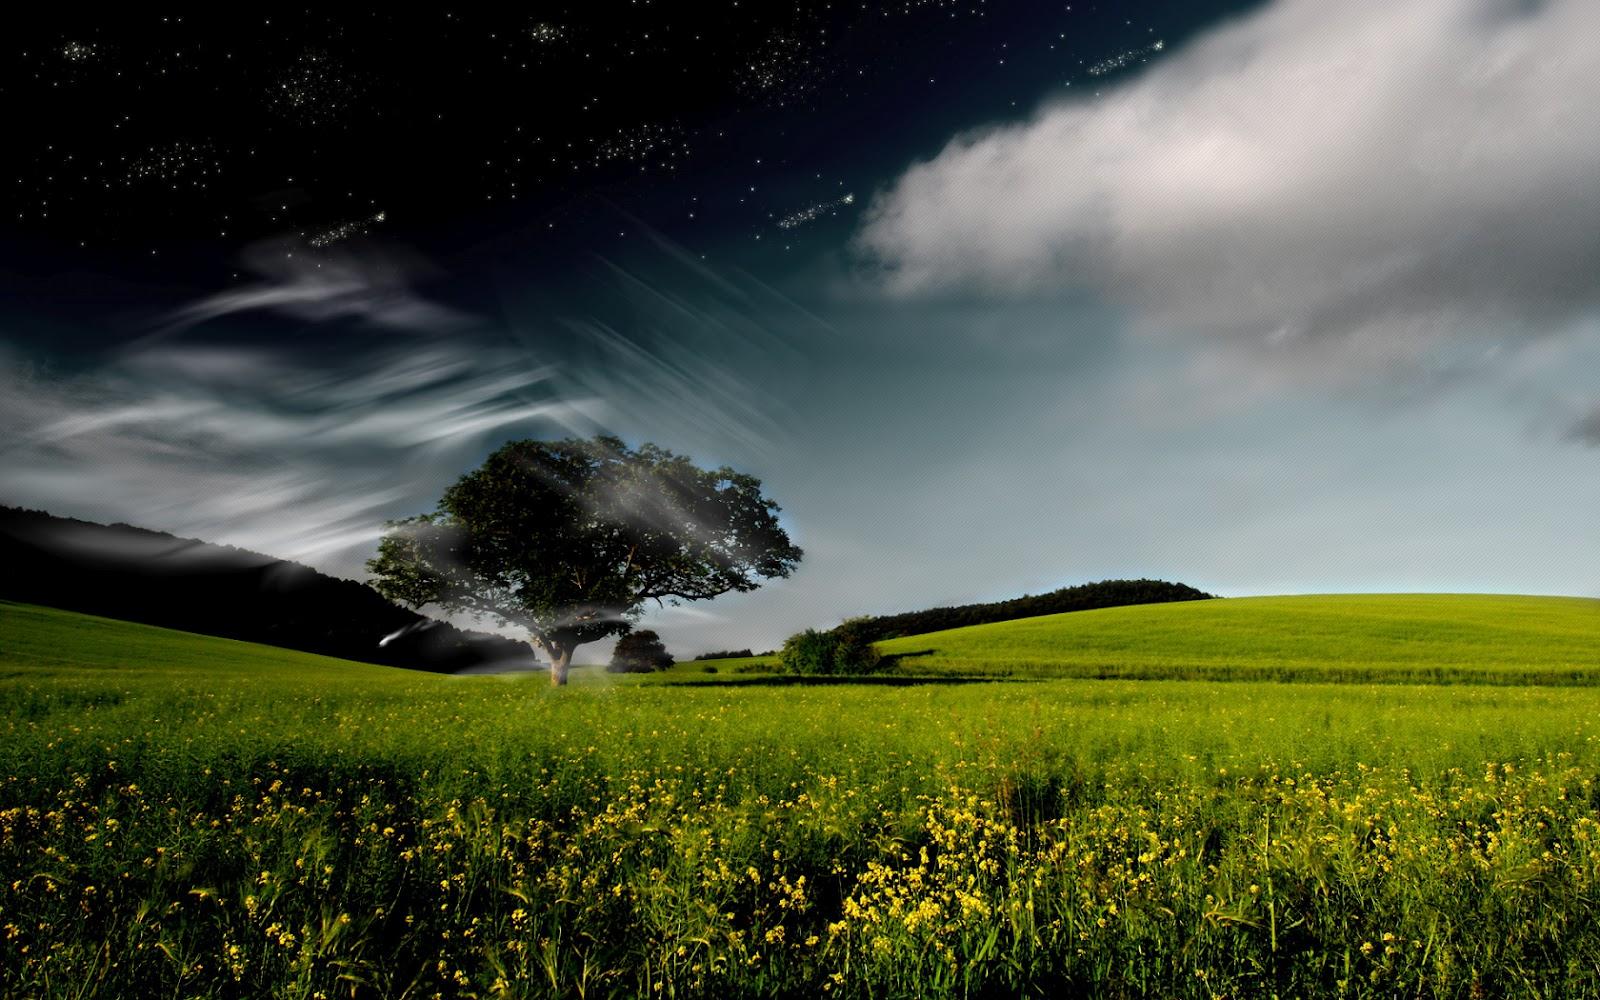 http://4.bp.blogspot.com/-vlawpm_MeHE/UB0C0RwTfbI/AAAAAAAACI0/FIgKOkrQAbY/s1600/hd-wallpaper-nature2.jpg